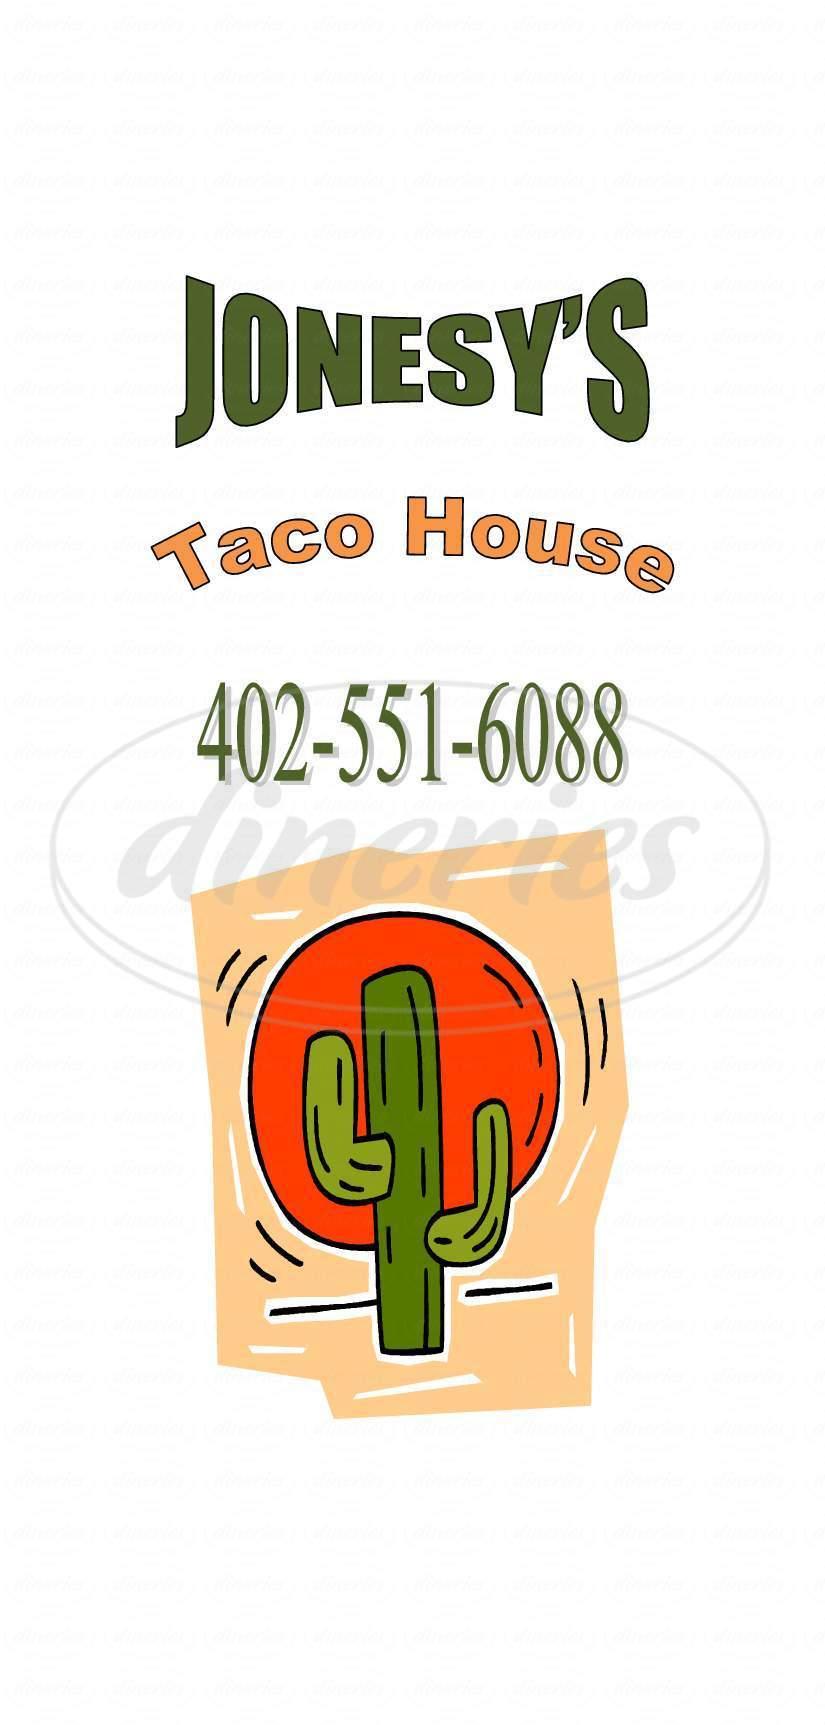 menu for Jonesy's Taco House